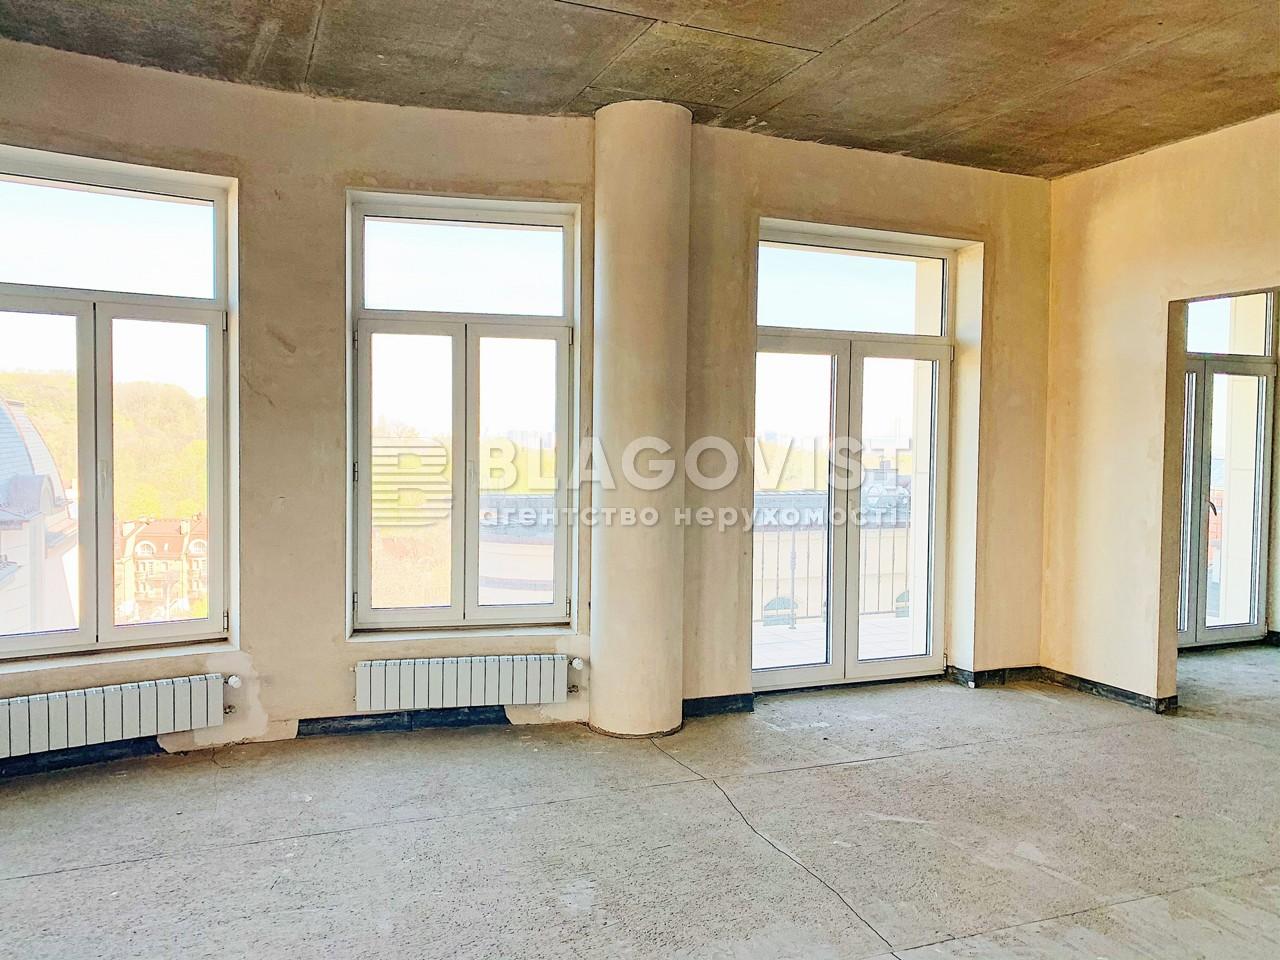 Квартира A-110985, Новоселицкая, 10, Киев - Фото 6